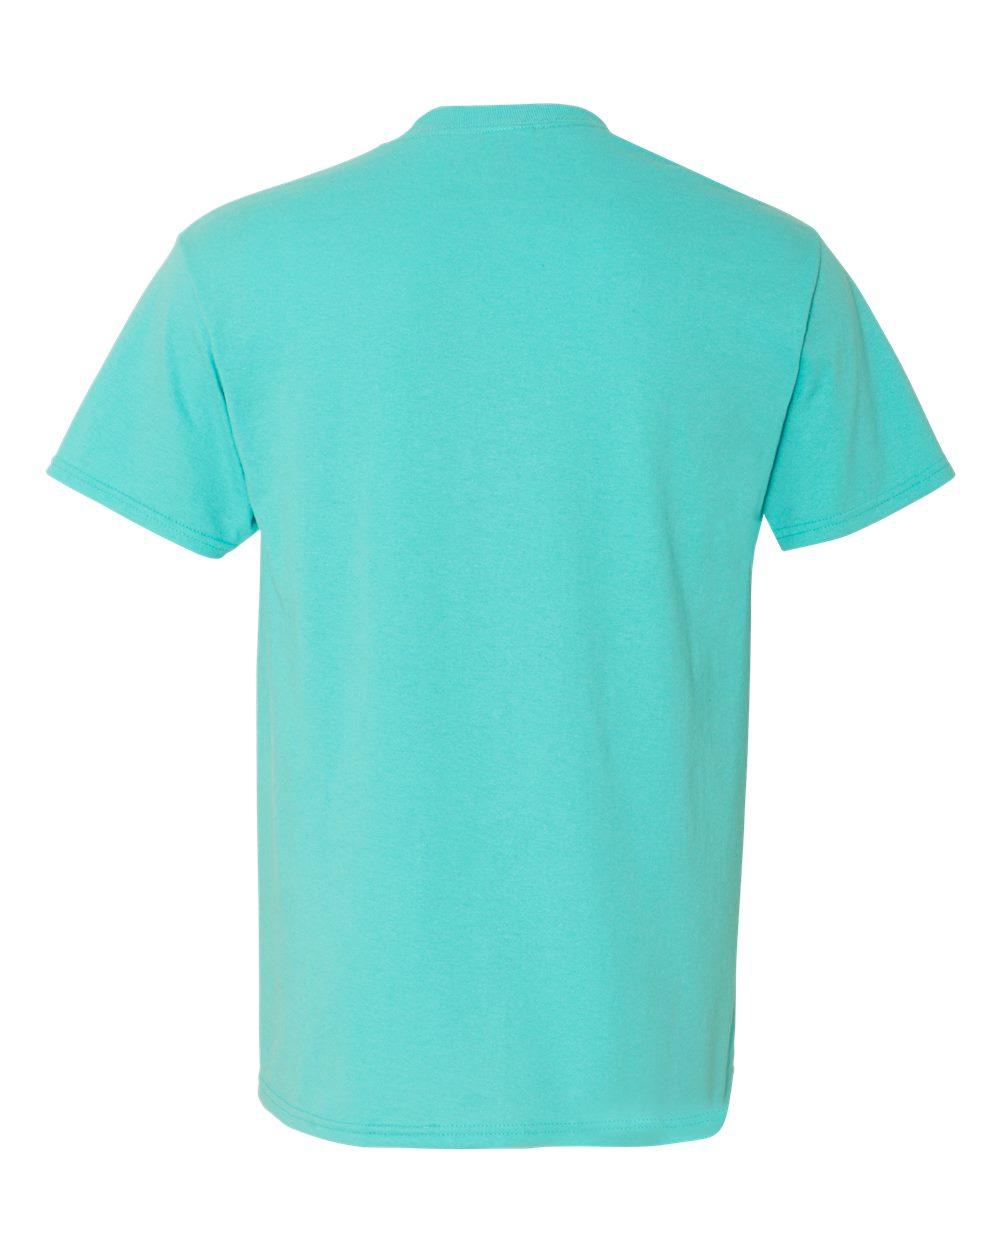 Jerzees-Men-039-s-5-6-oz-50-50-Heavyweight-Blend-T-Shirt-29M-S-4XL thumbnail 55